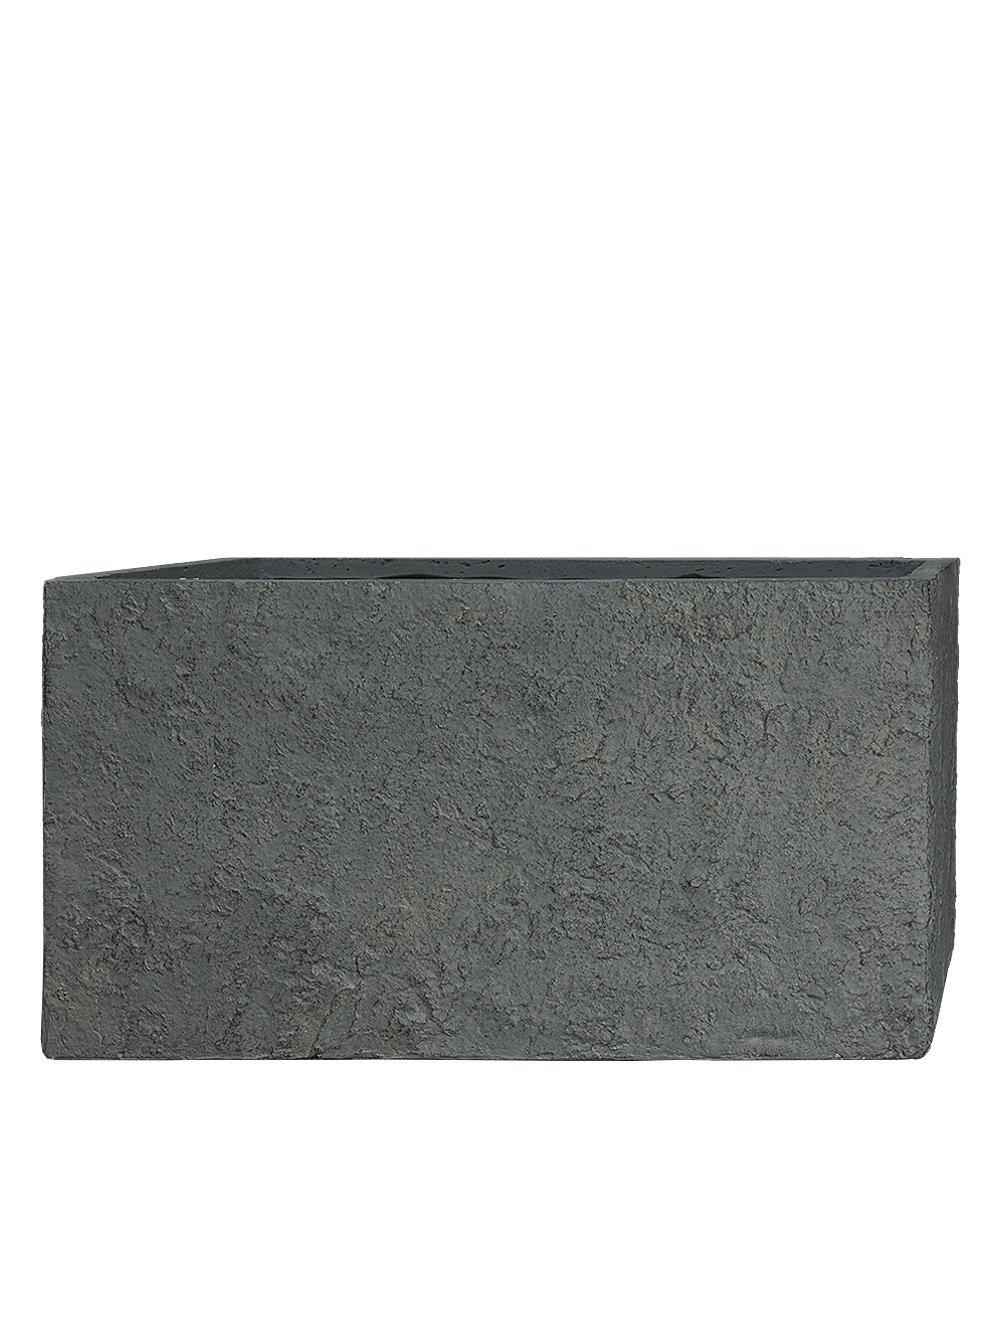 PFLANZWERK® Pflanzkübel TUB Lava Grau 45x100x45cm *Frostbeständig* *UV-Schutz* *Qualitätsware*